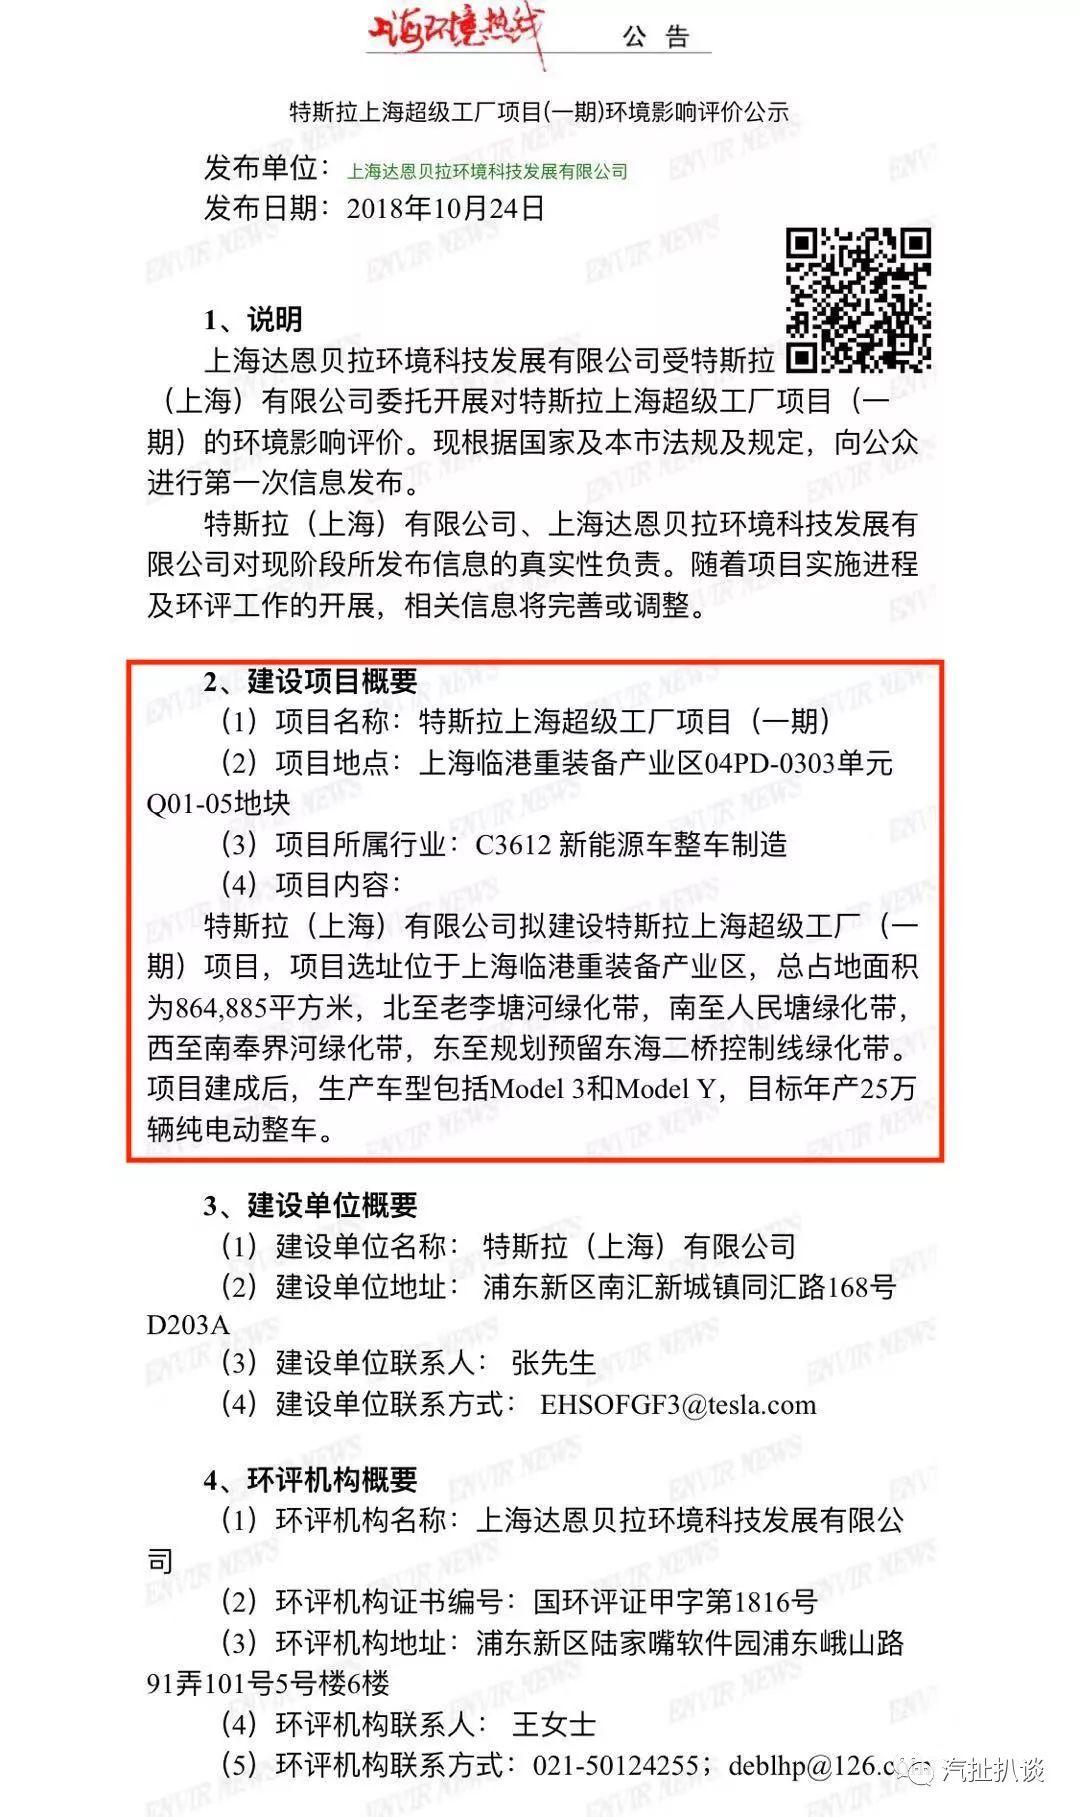 特斯拉国产车型曝光 上海超级工厂落地加速-XI全网